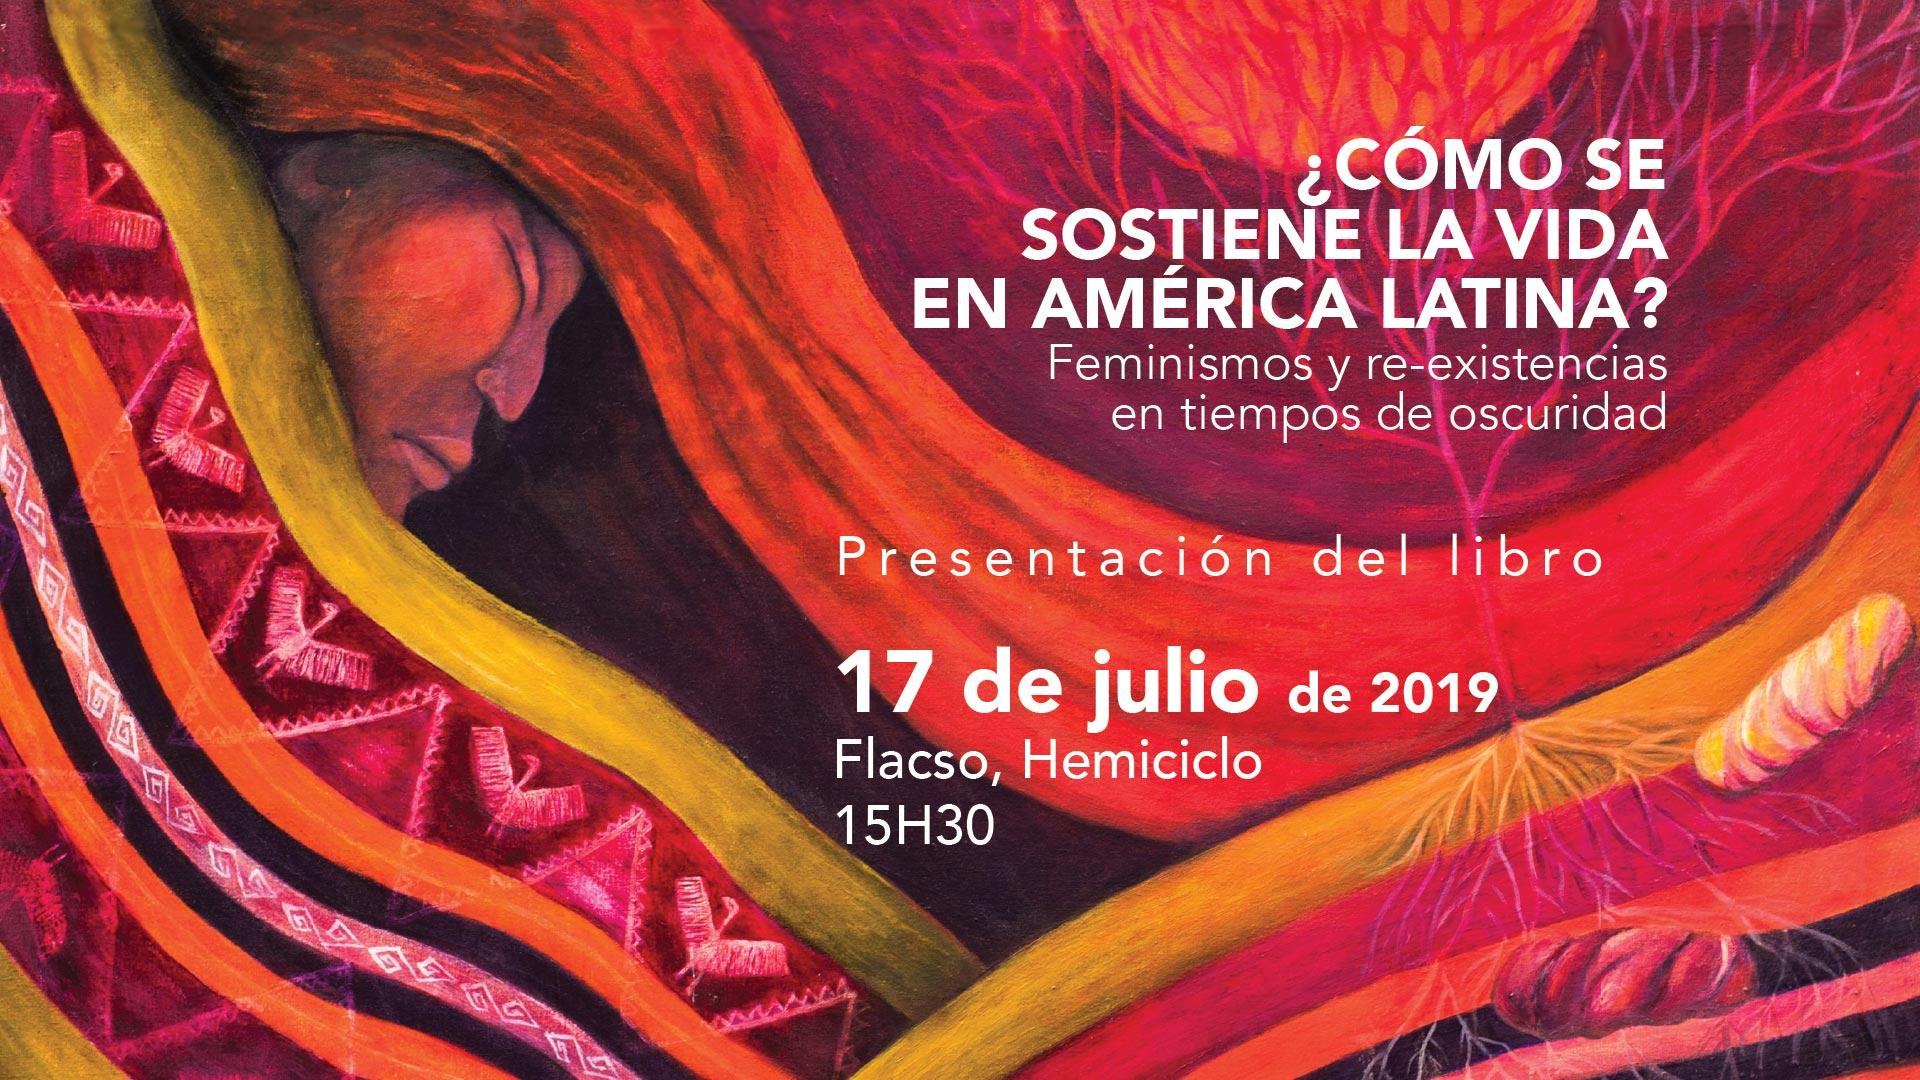 """Resultado de imagen para """"¿CÓMO SE SOSTIENE LA VIDA EN AMÉRICA LATINA? FEMINISMOS Y RE-EXISTENCIAS EN TIEMPOS DE OCURIDAD (2019)"""